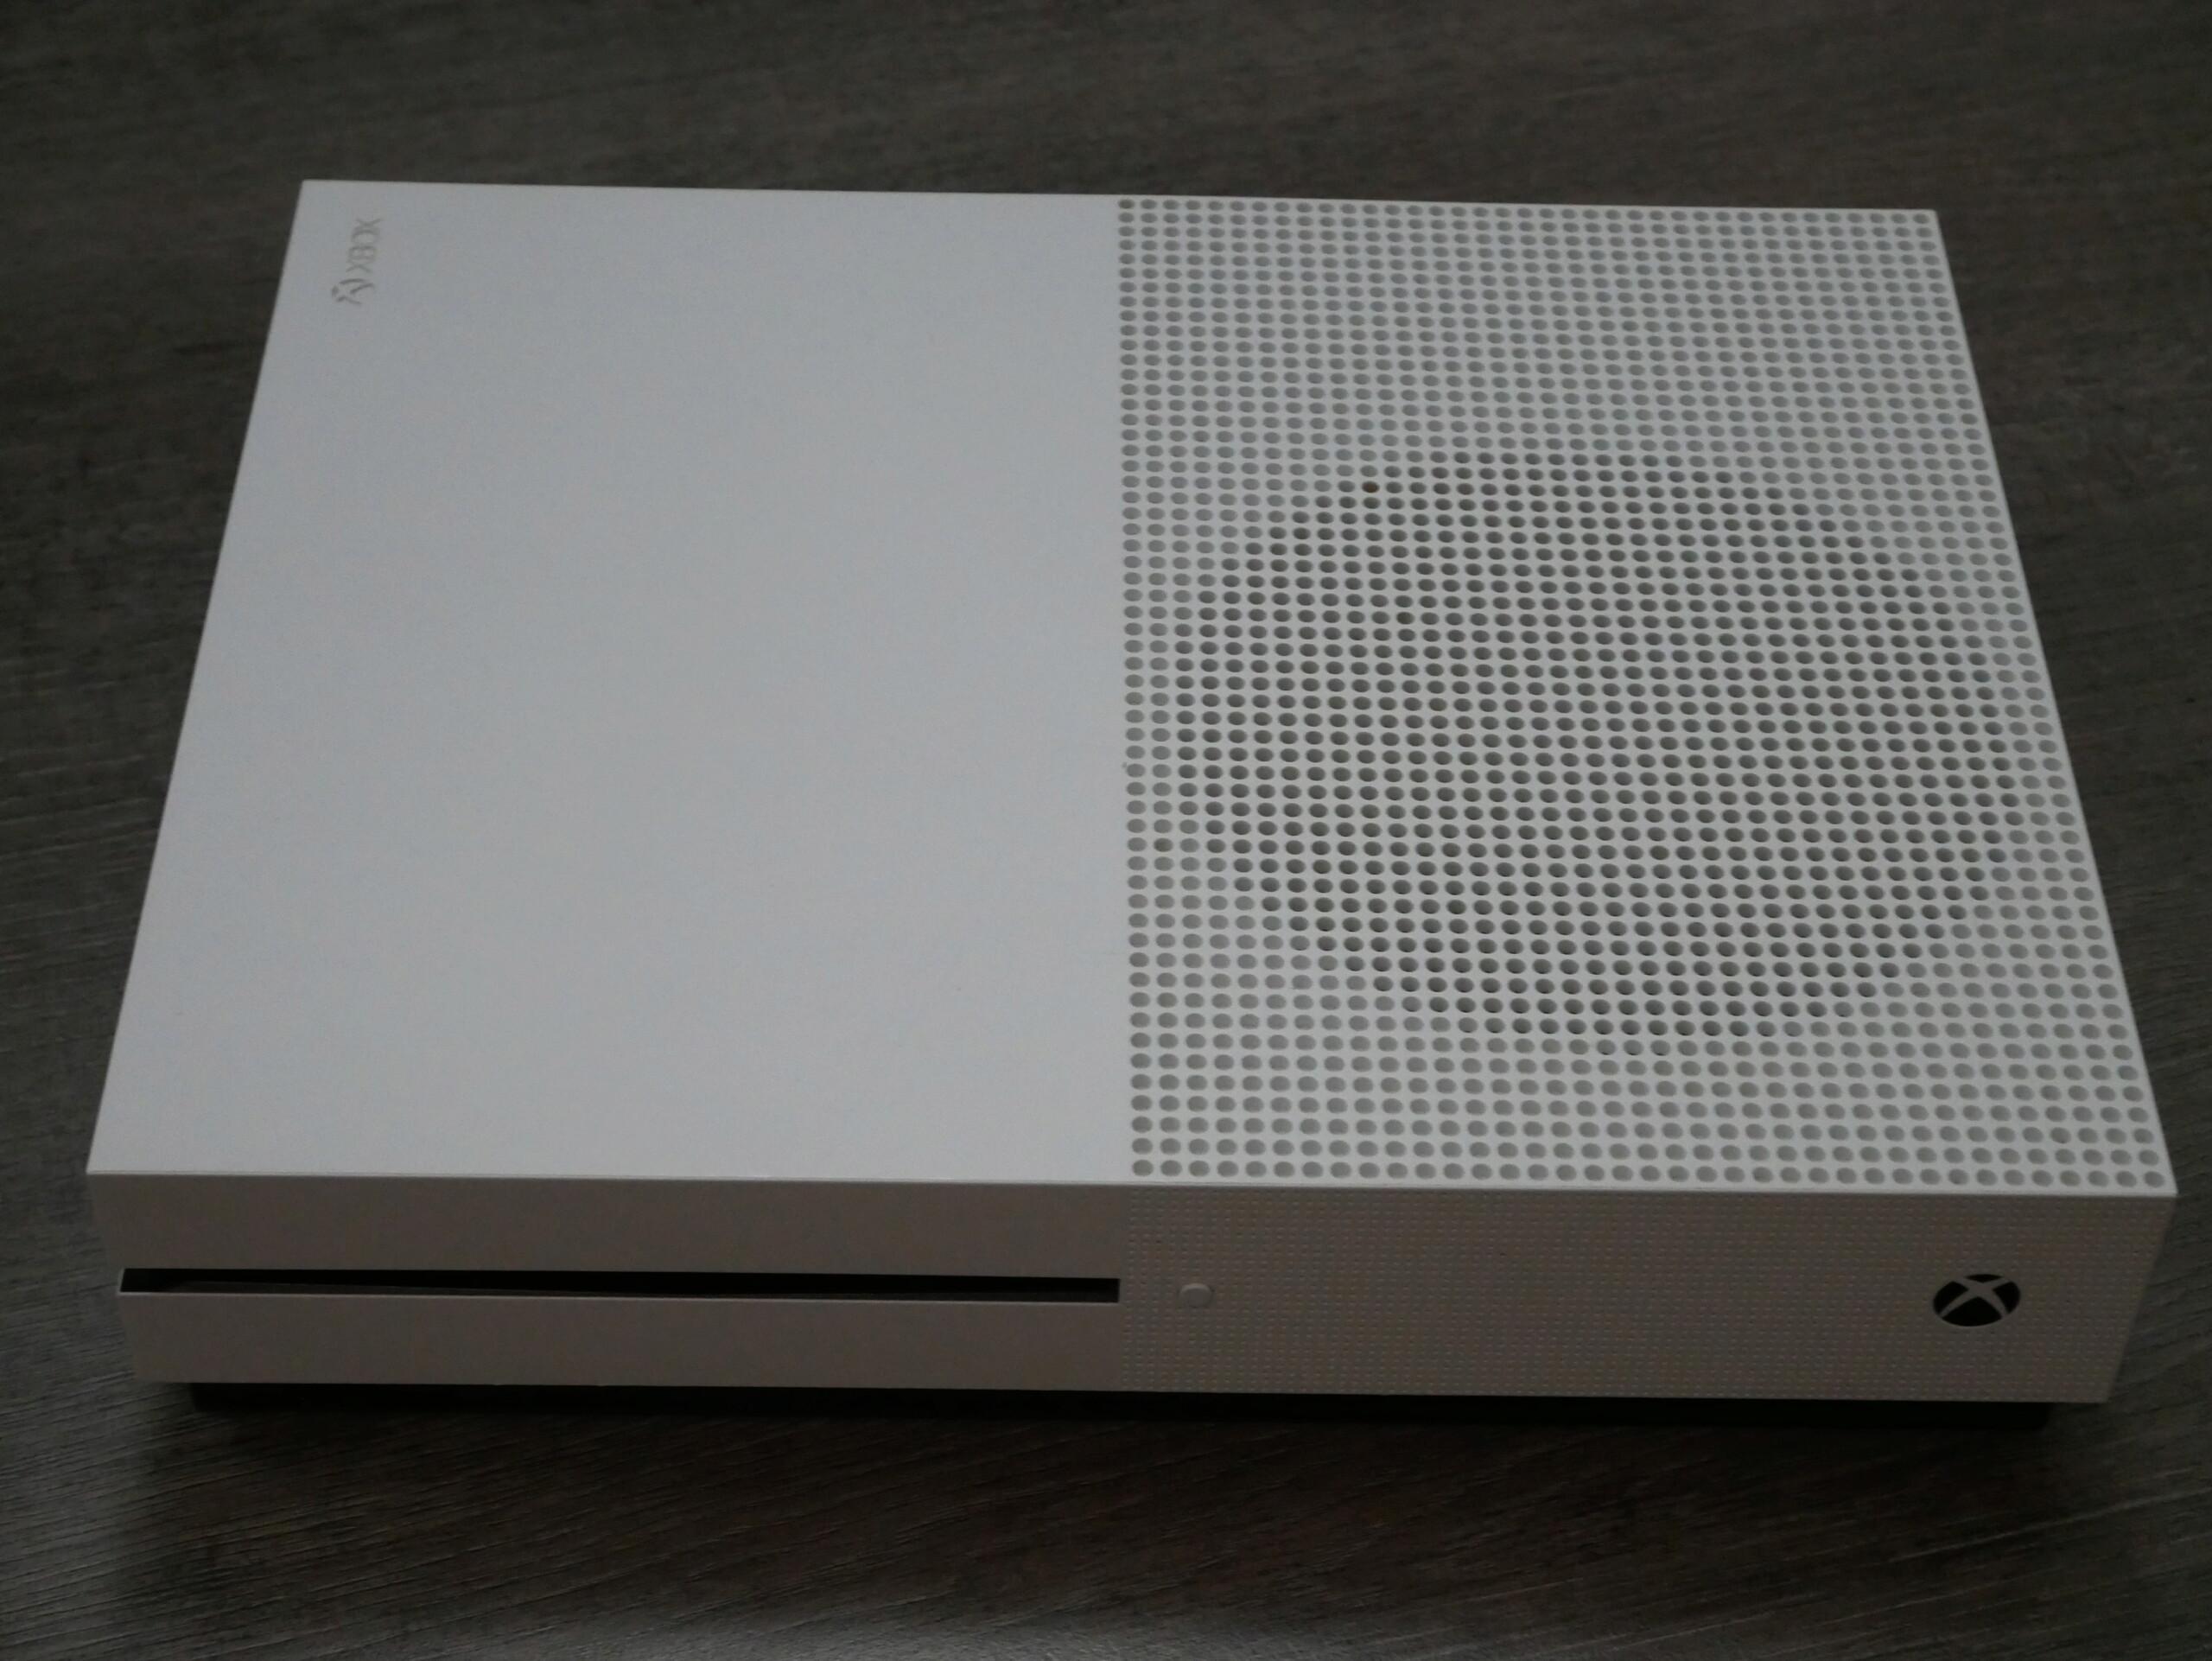 [VIANDU] XBOX ONE S 500Go complète en boite avec une manette excellent état 100€ P1070219